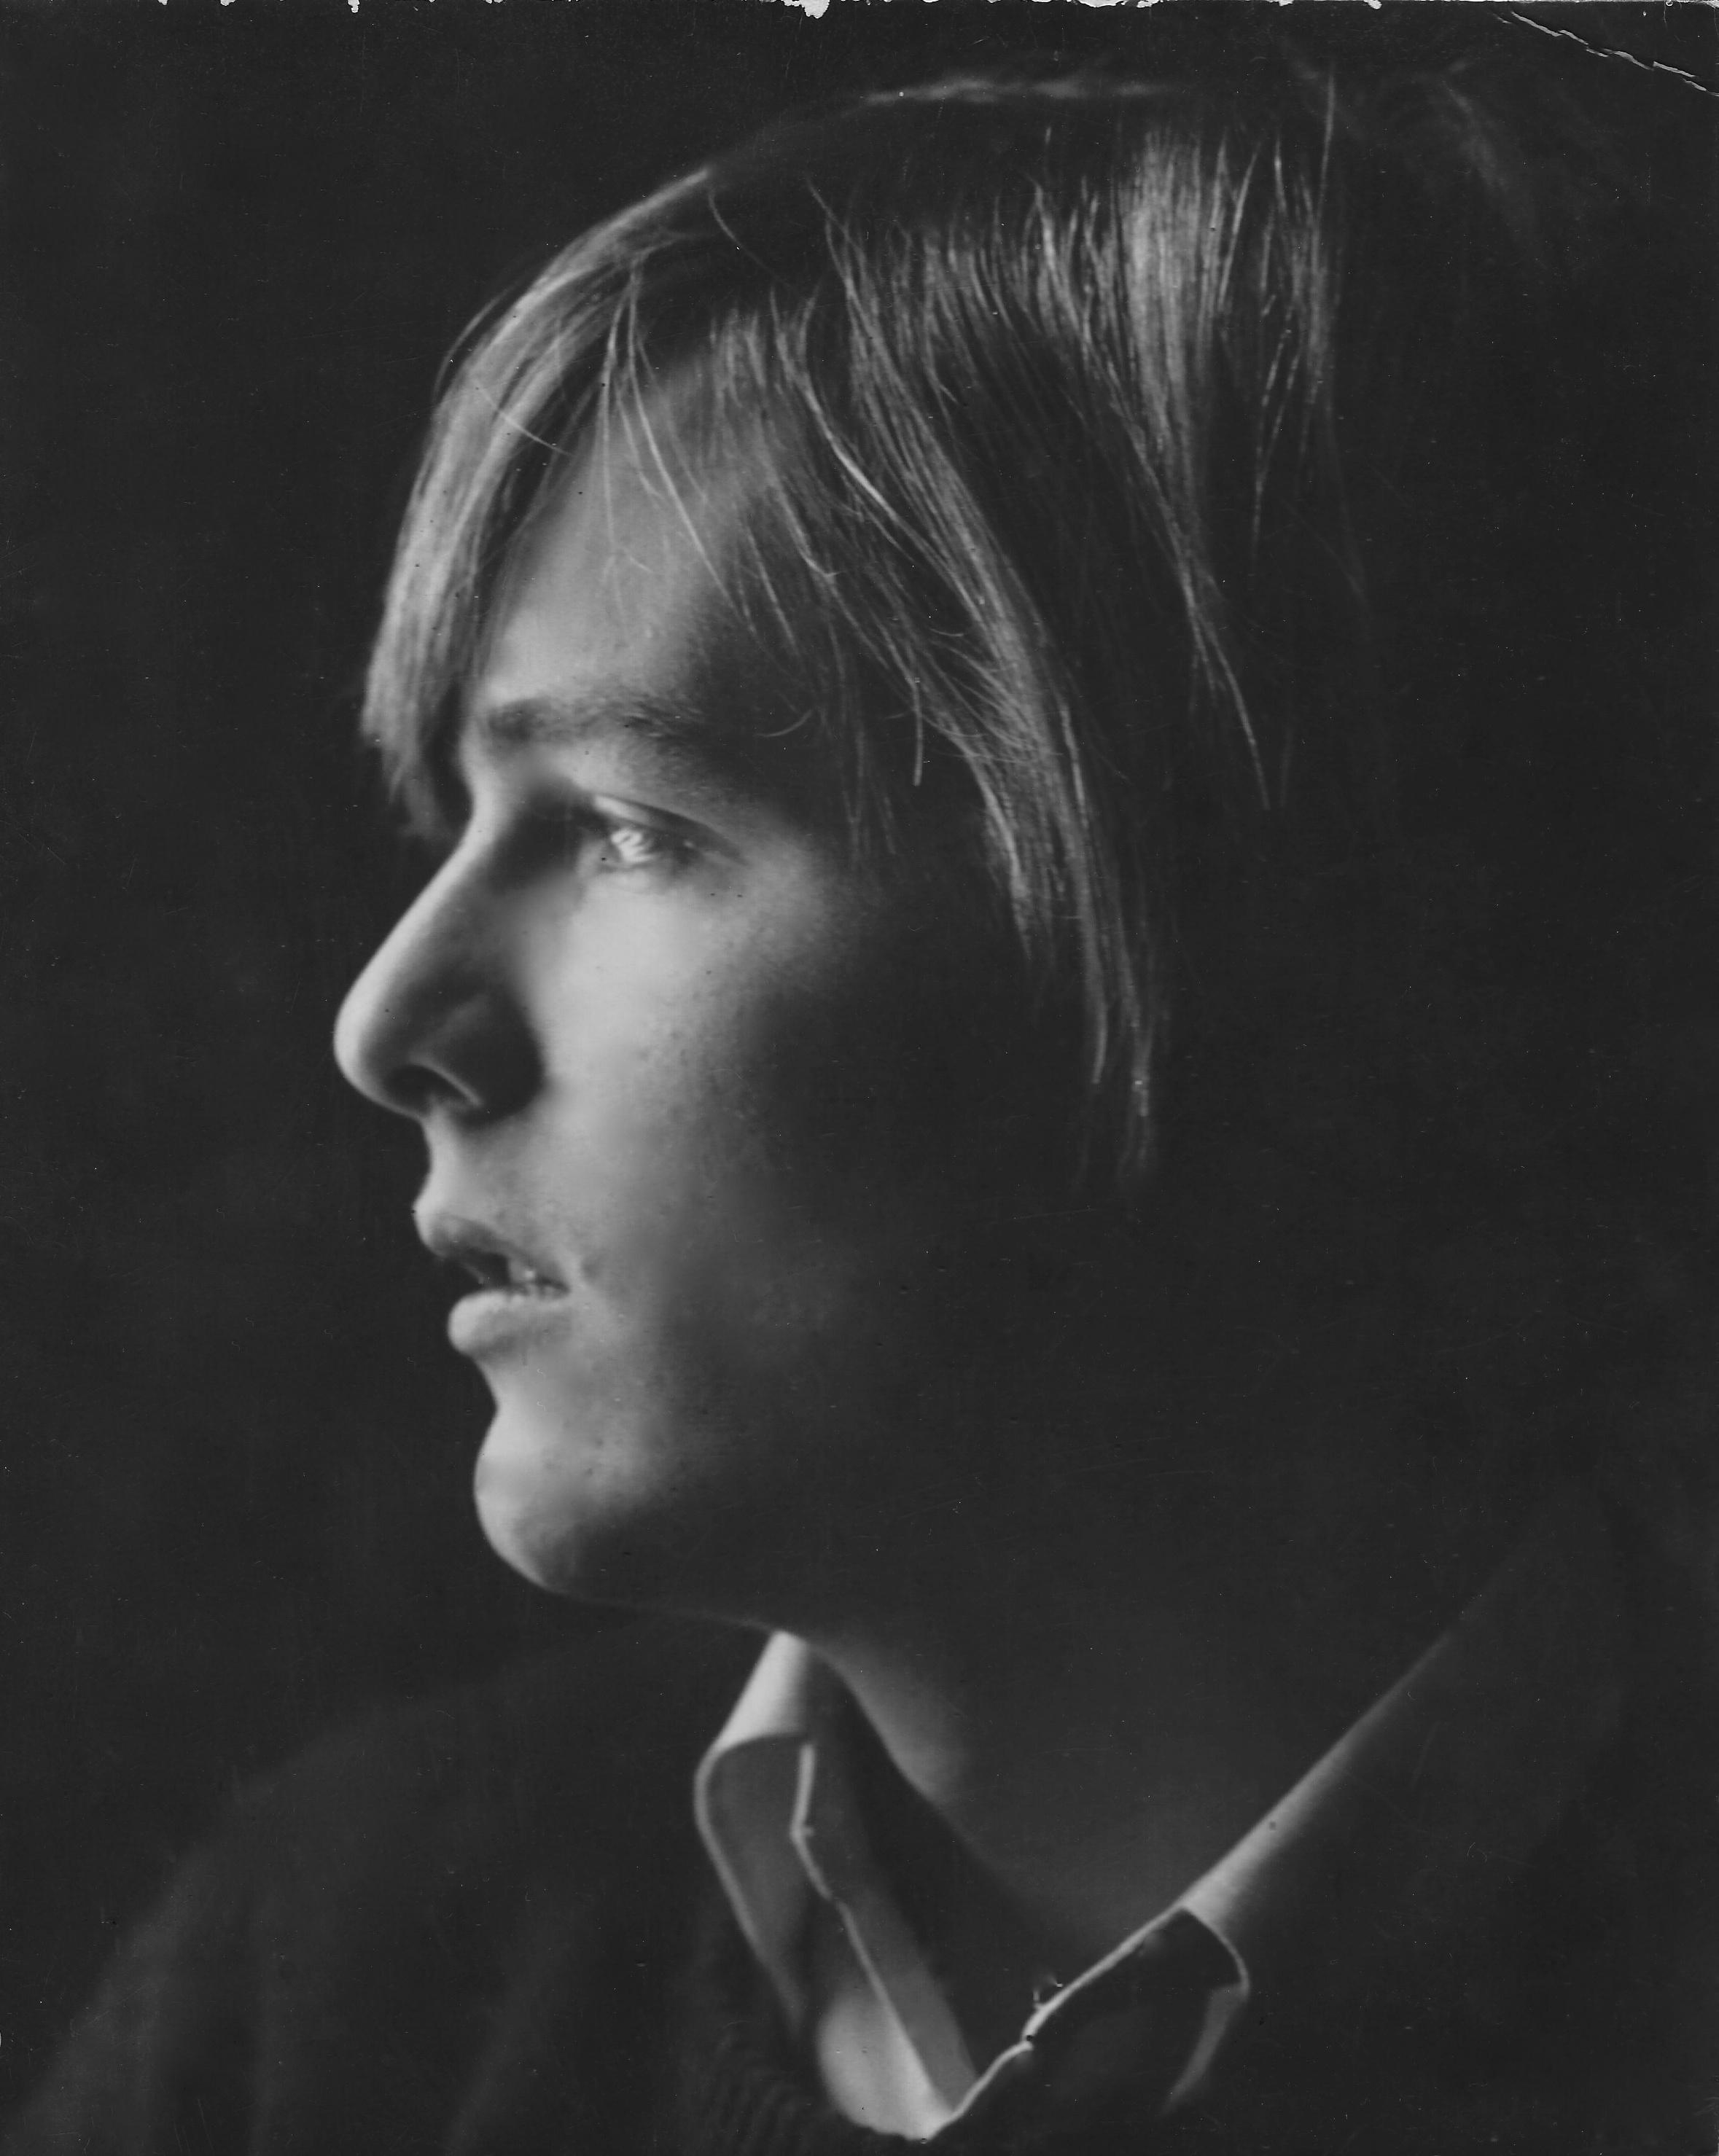 greg's portrait of Jim copy